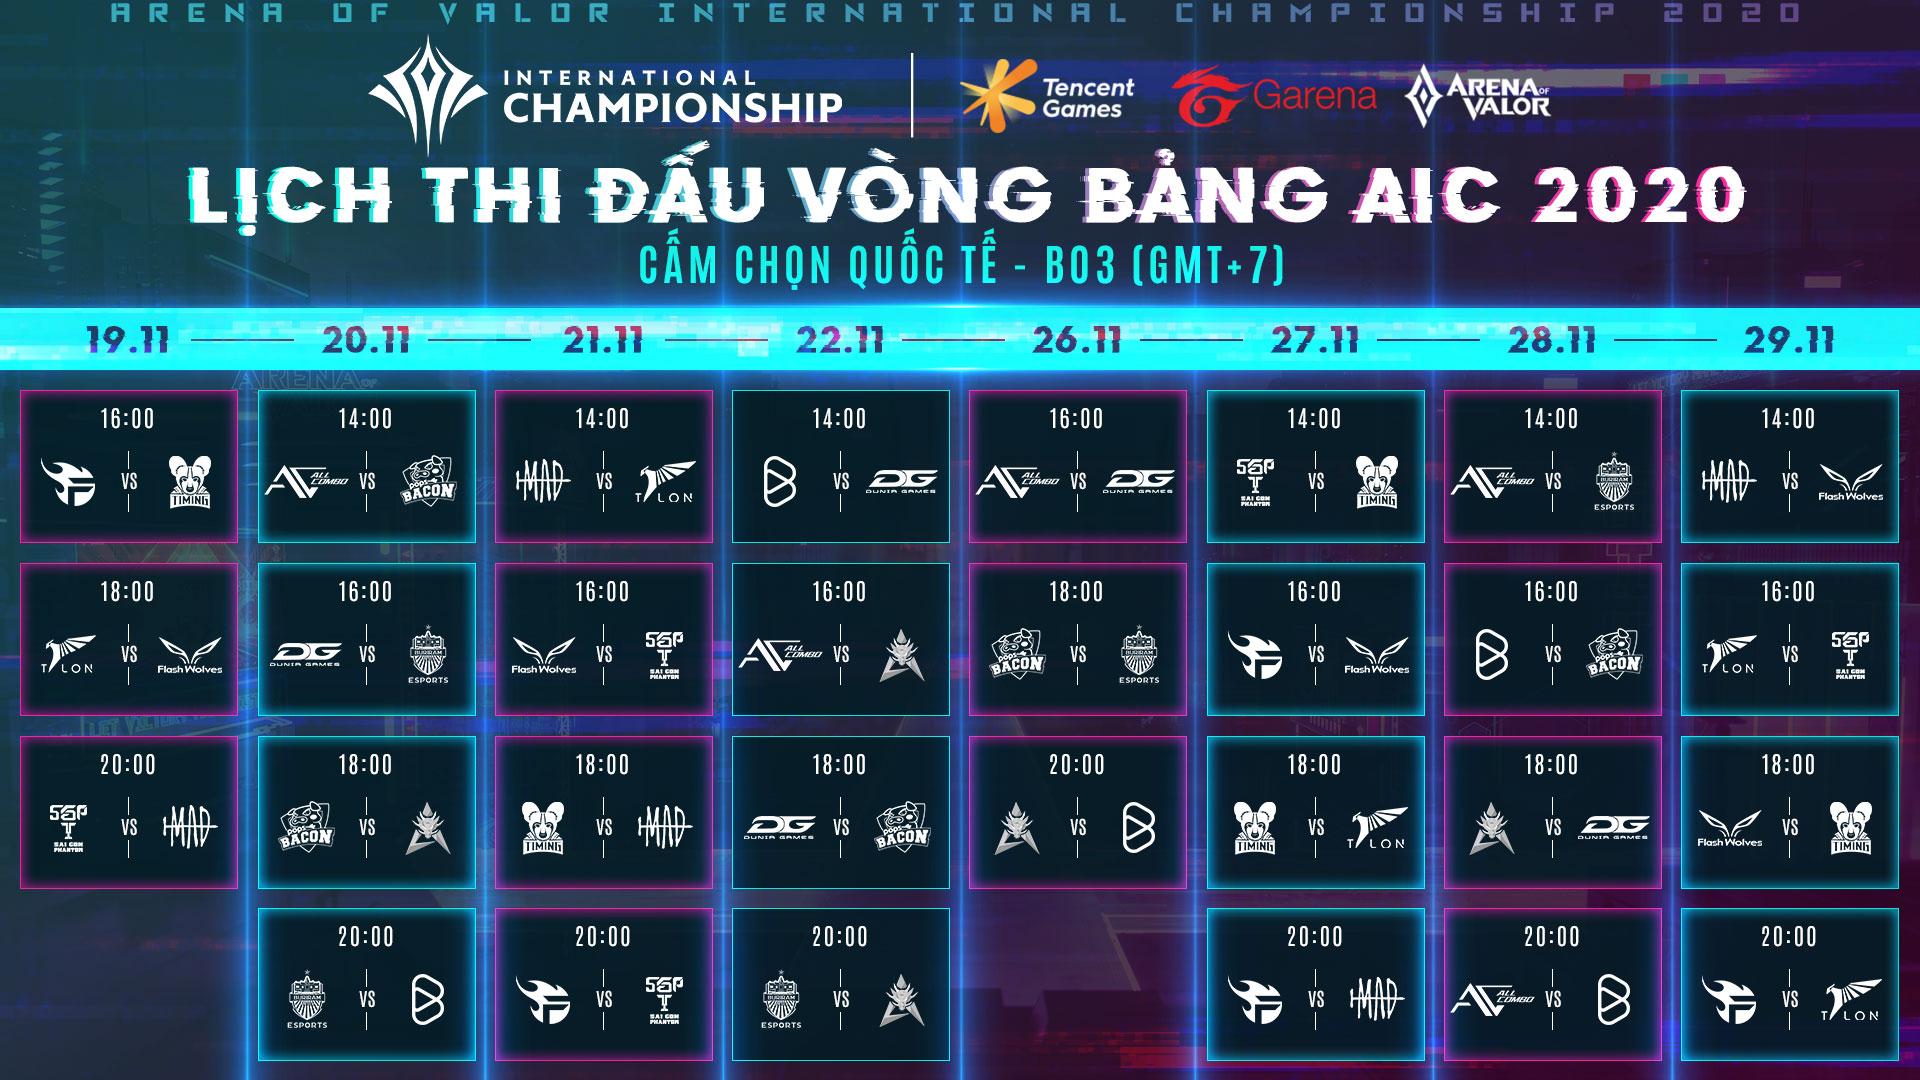 Lịch thi đấu vòng bảng AIC